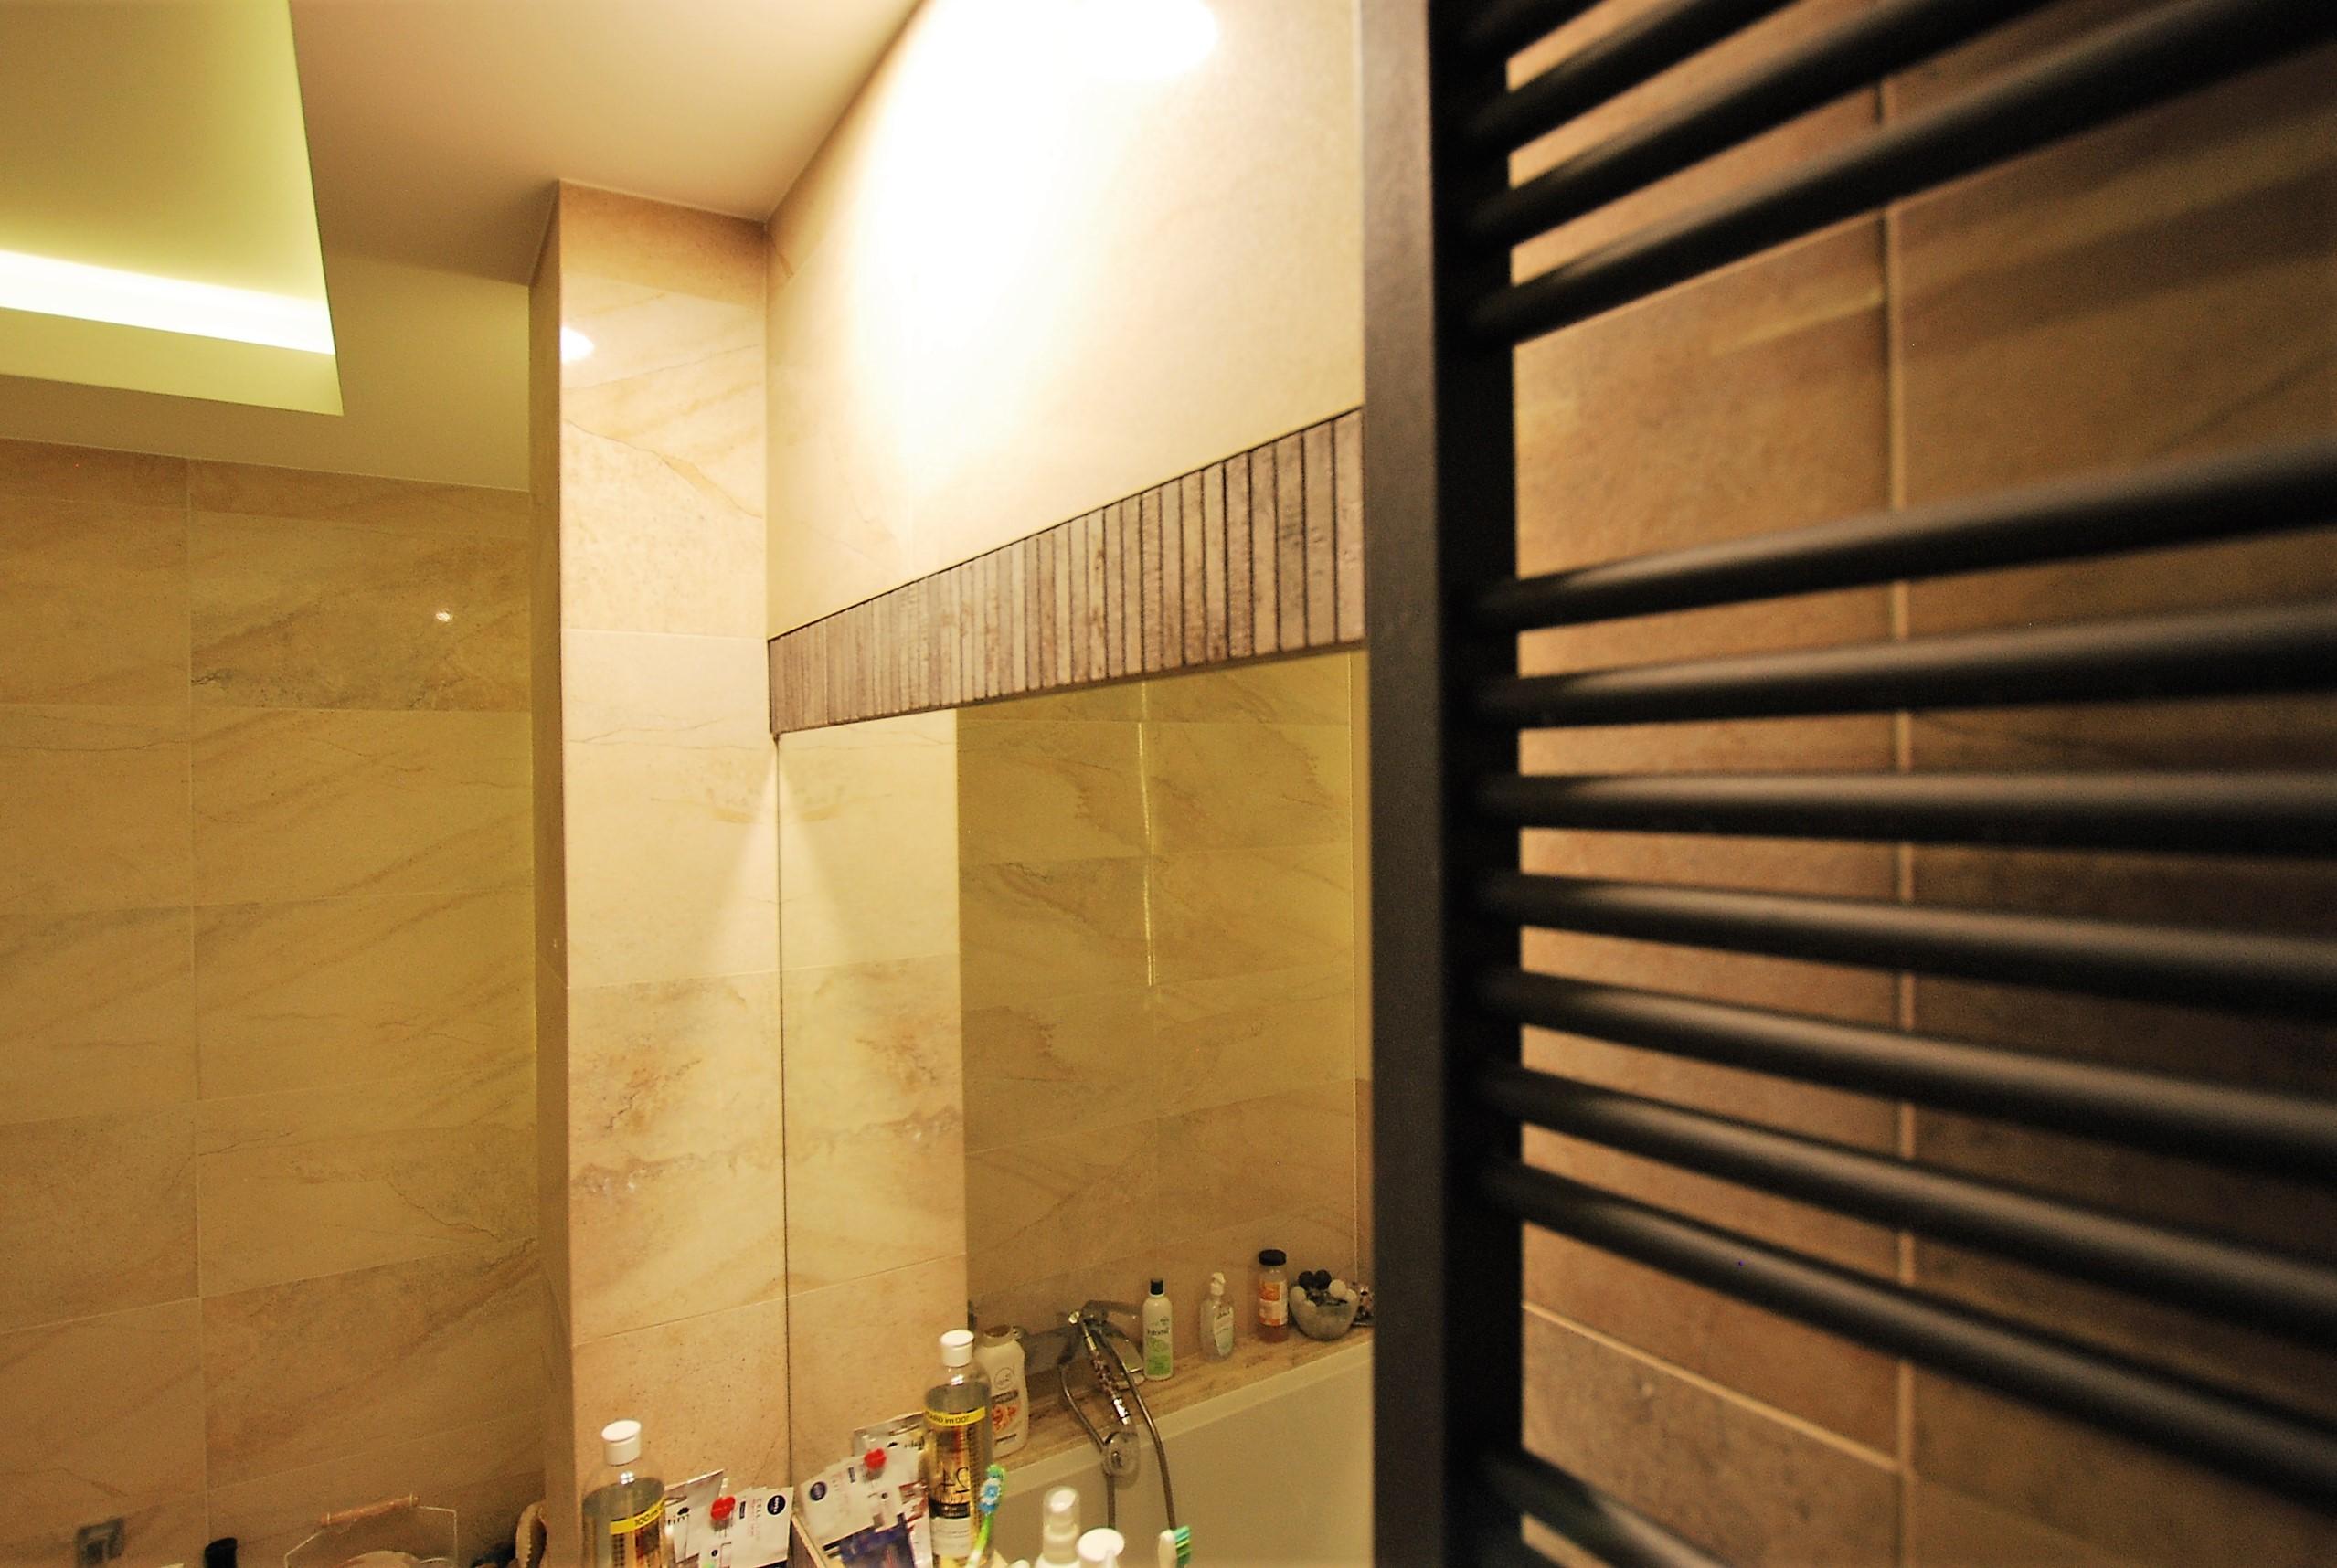 łazienka dekor lustra